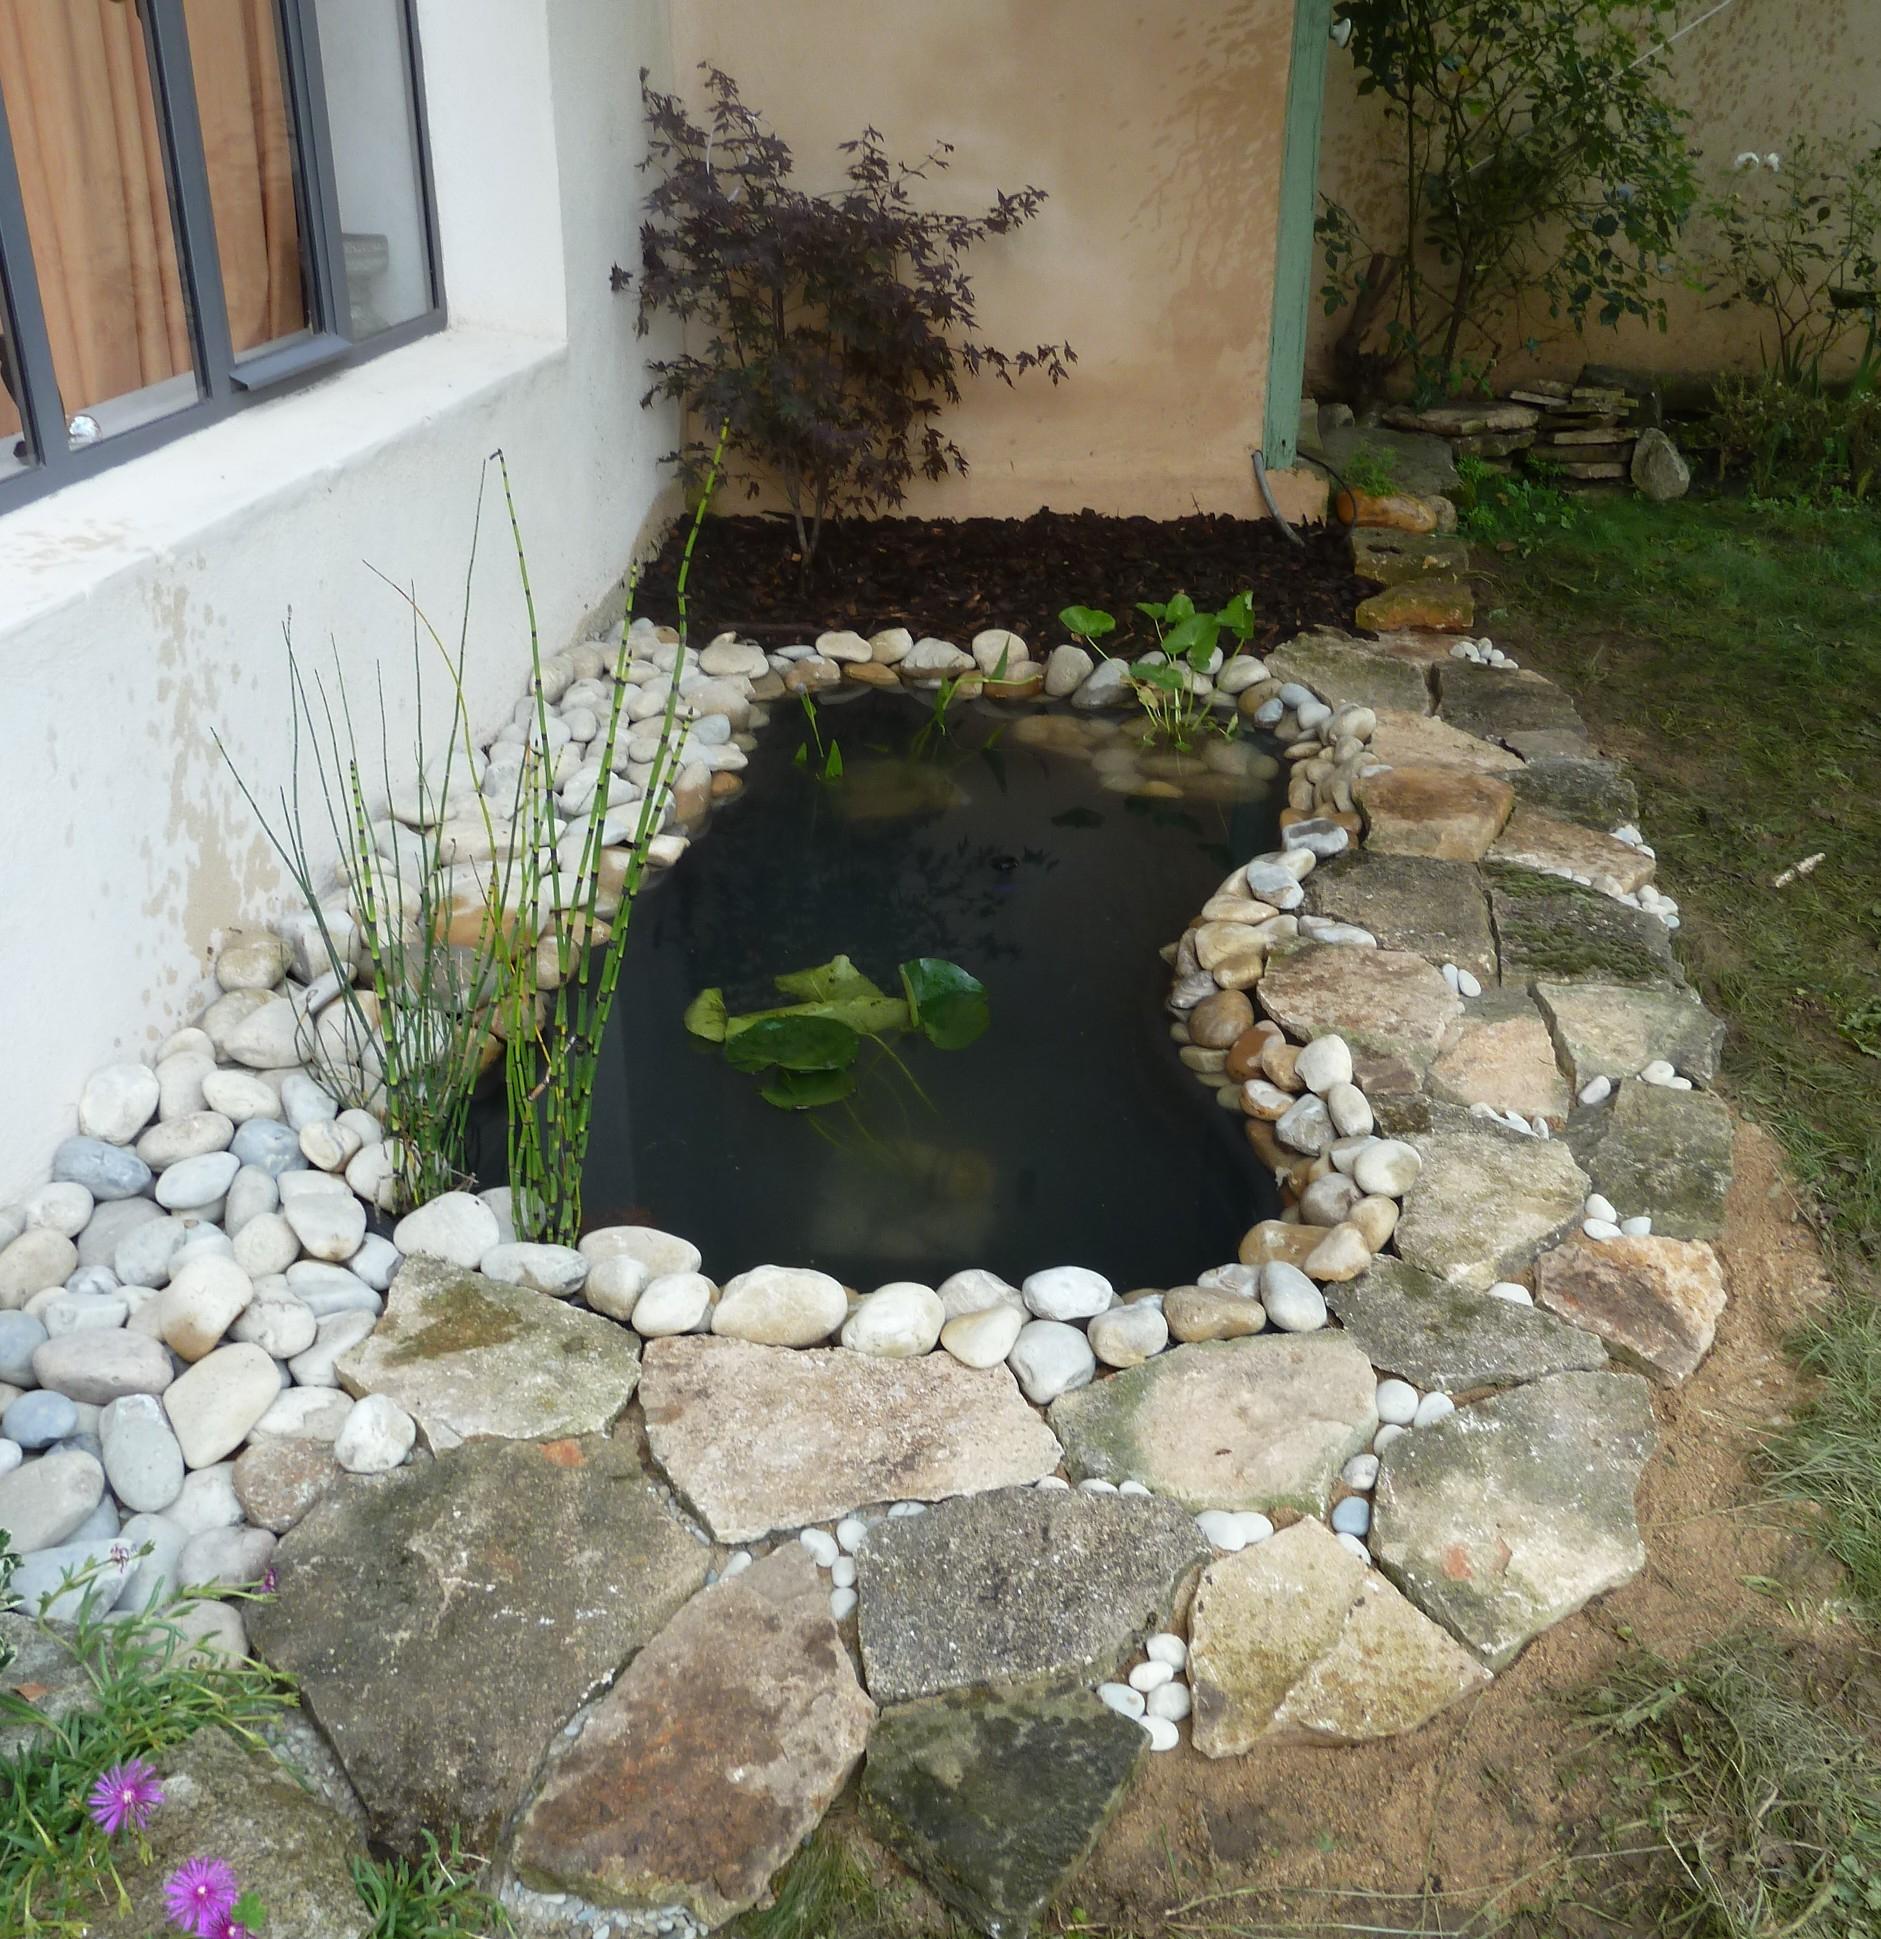 Bassin D'ornement | Jardins Et Bassins encequiconcerne Petit Bassin Pour Jardin